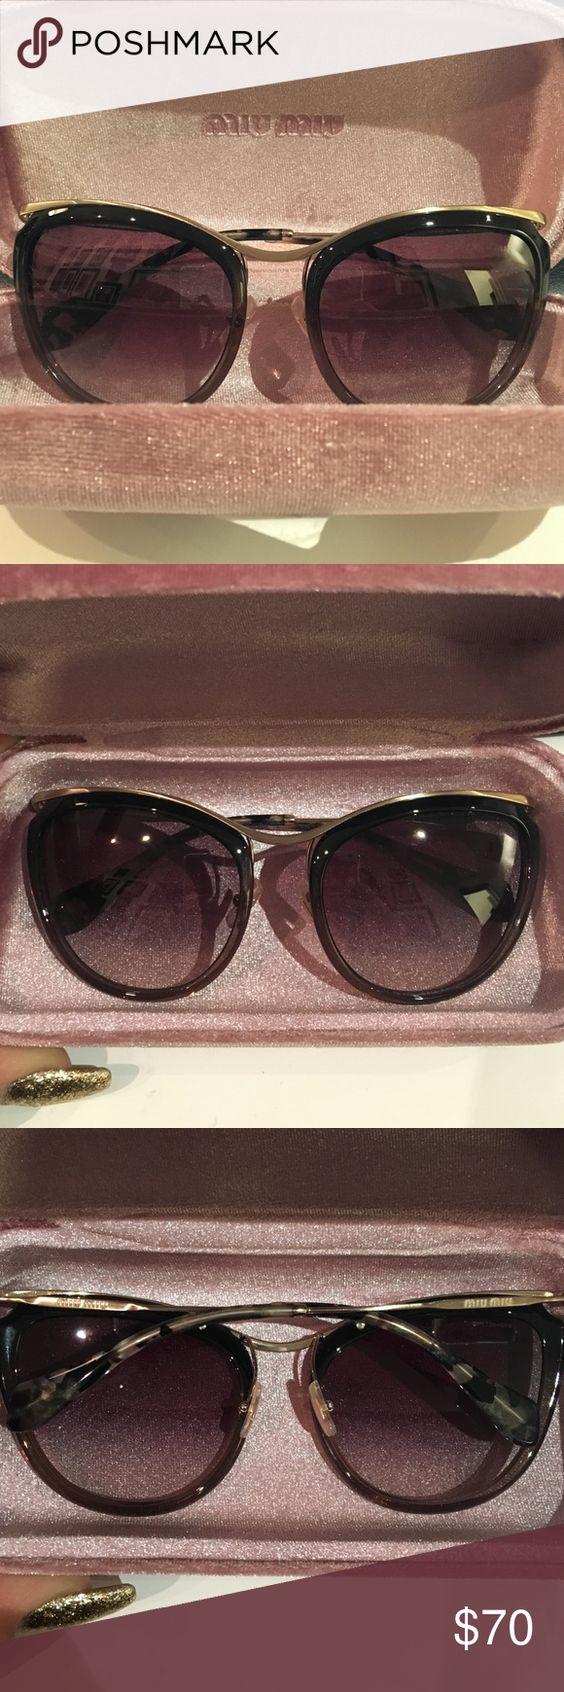 Miu Miu sunglasses (brown and gold)! Miu Miu sunglasses in brown and gold! Only worn twice! Style: MU 51PS DHK0A7 Miu Miu Accessories Sunglasses